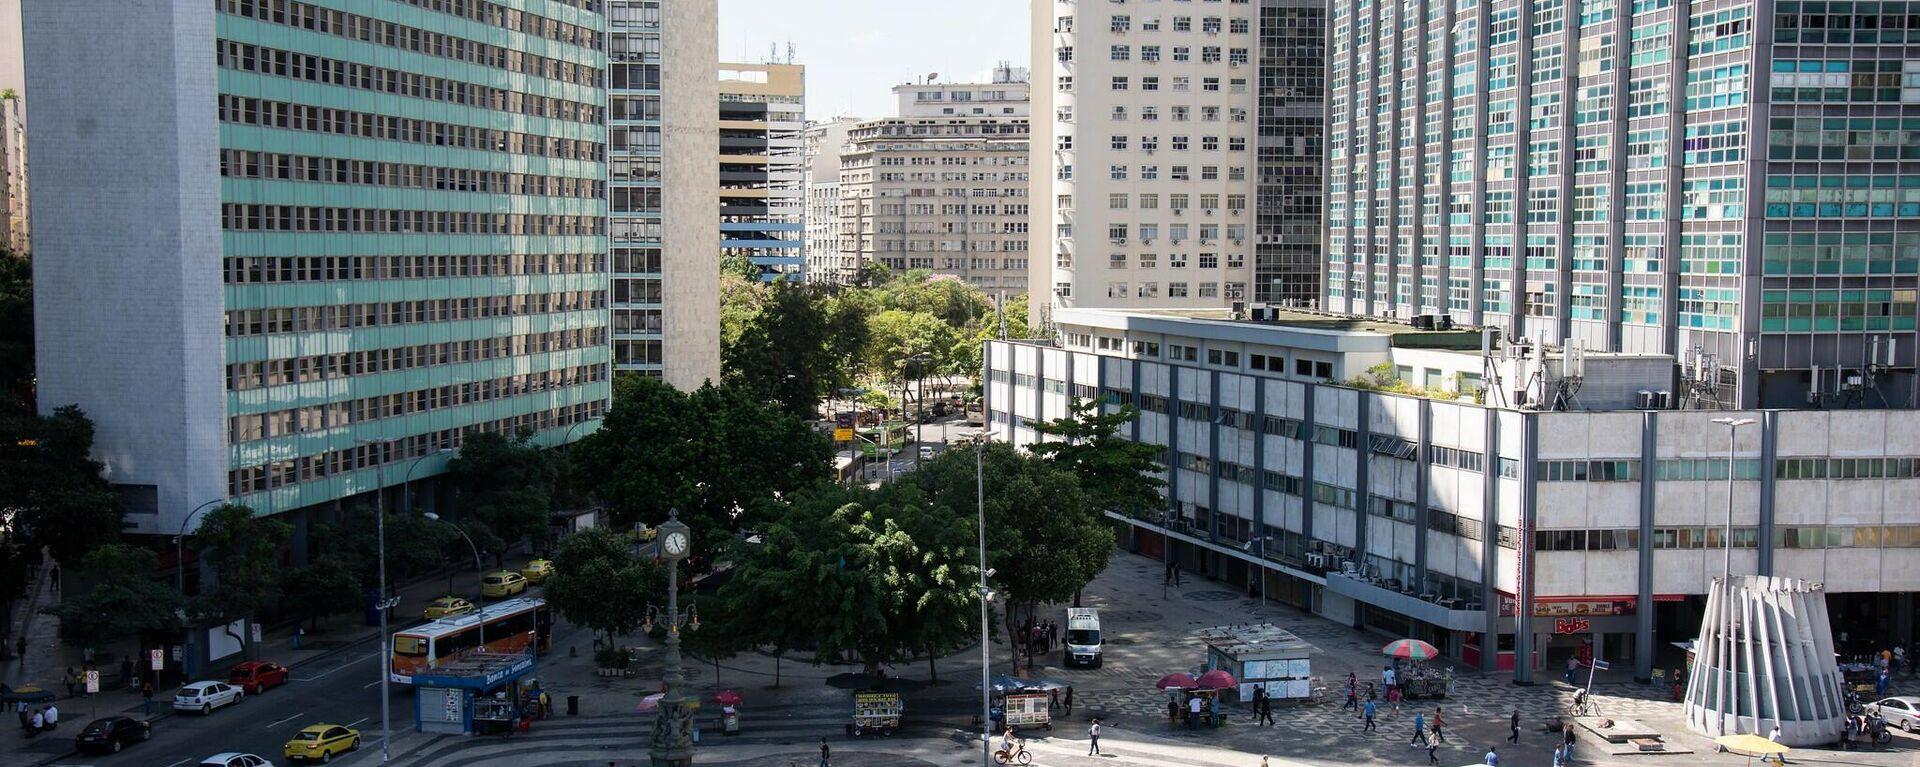 Edificios de oficinas en el centro de Río - Sputnik Mundo, 1920, 16.08.2021